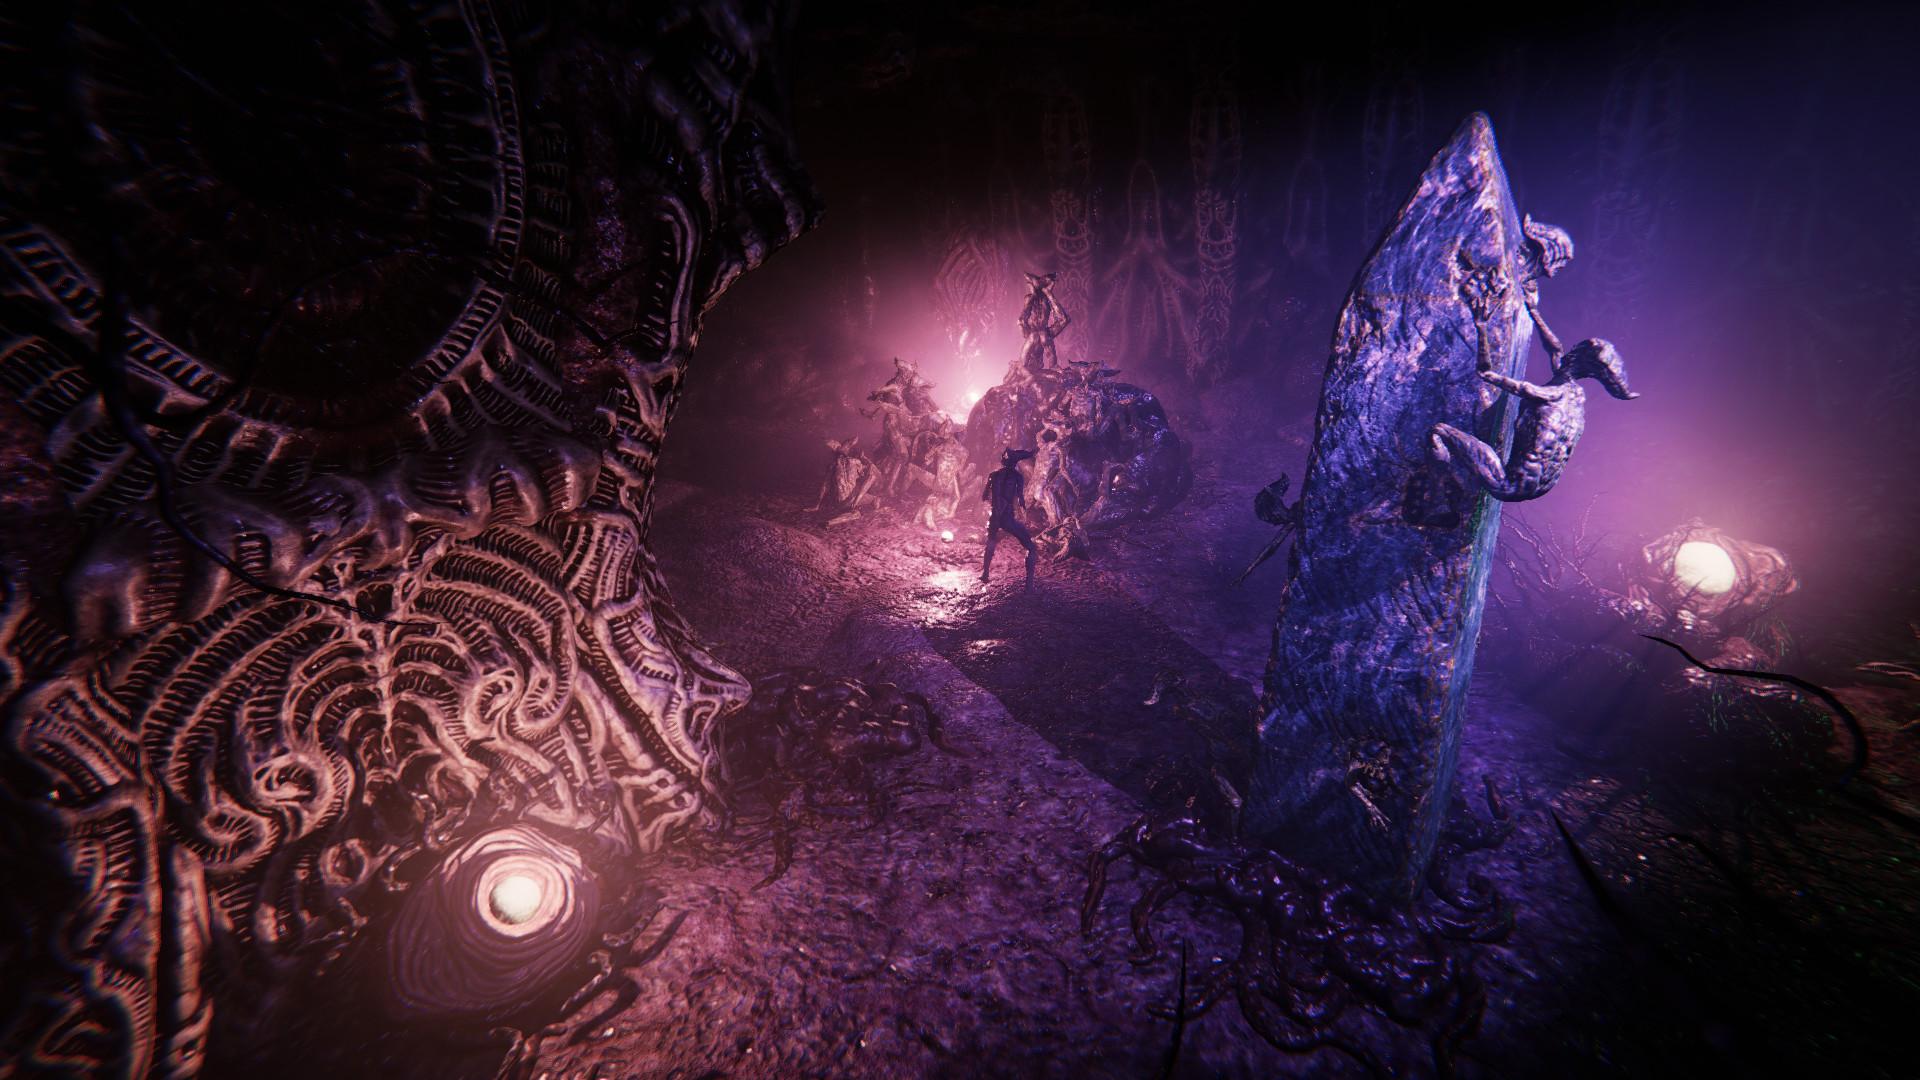 重口成人恐怖游戏《超越欲望》预告 3月12日发售